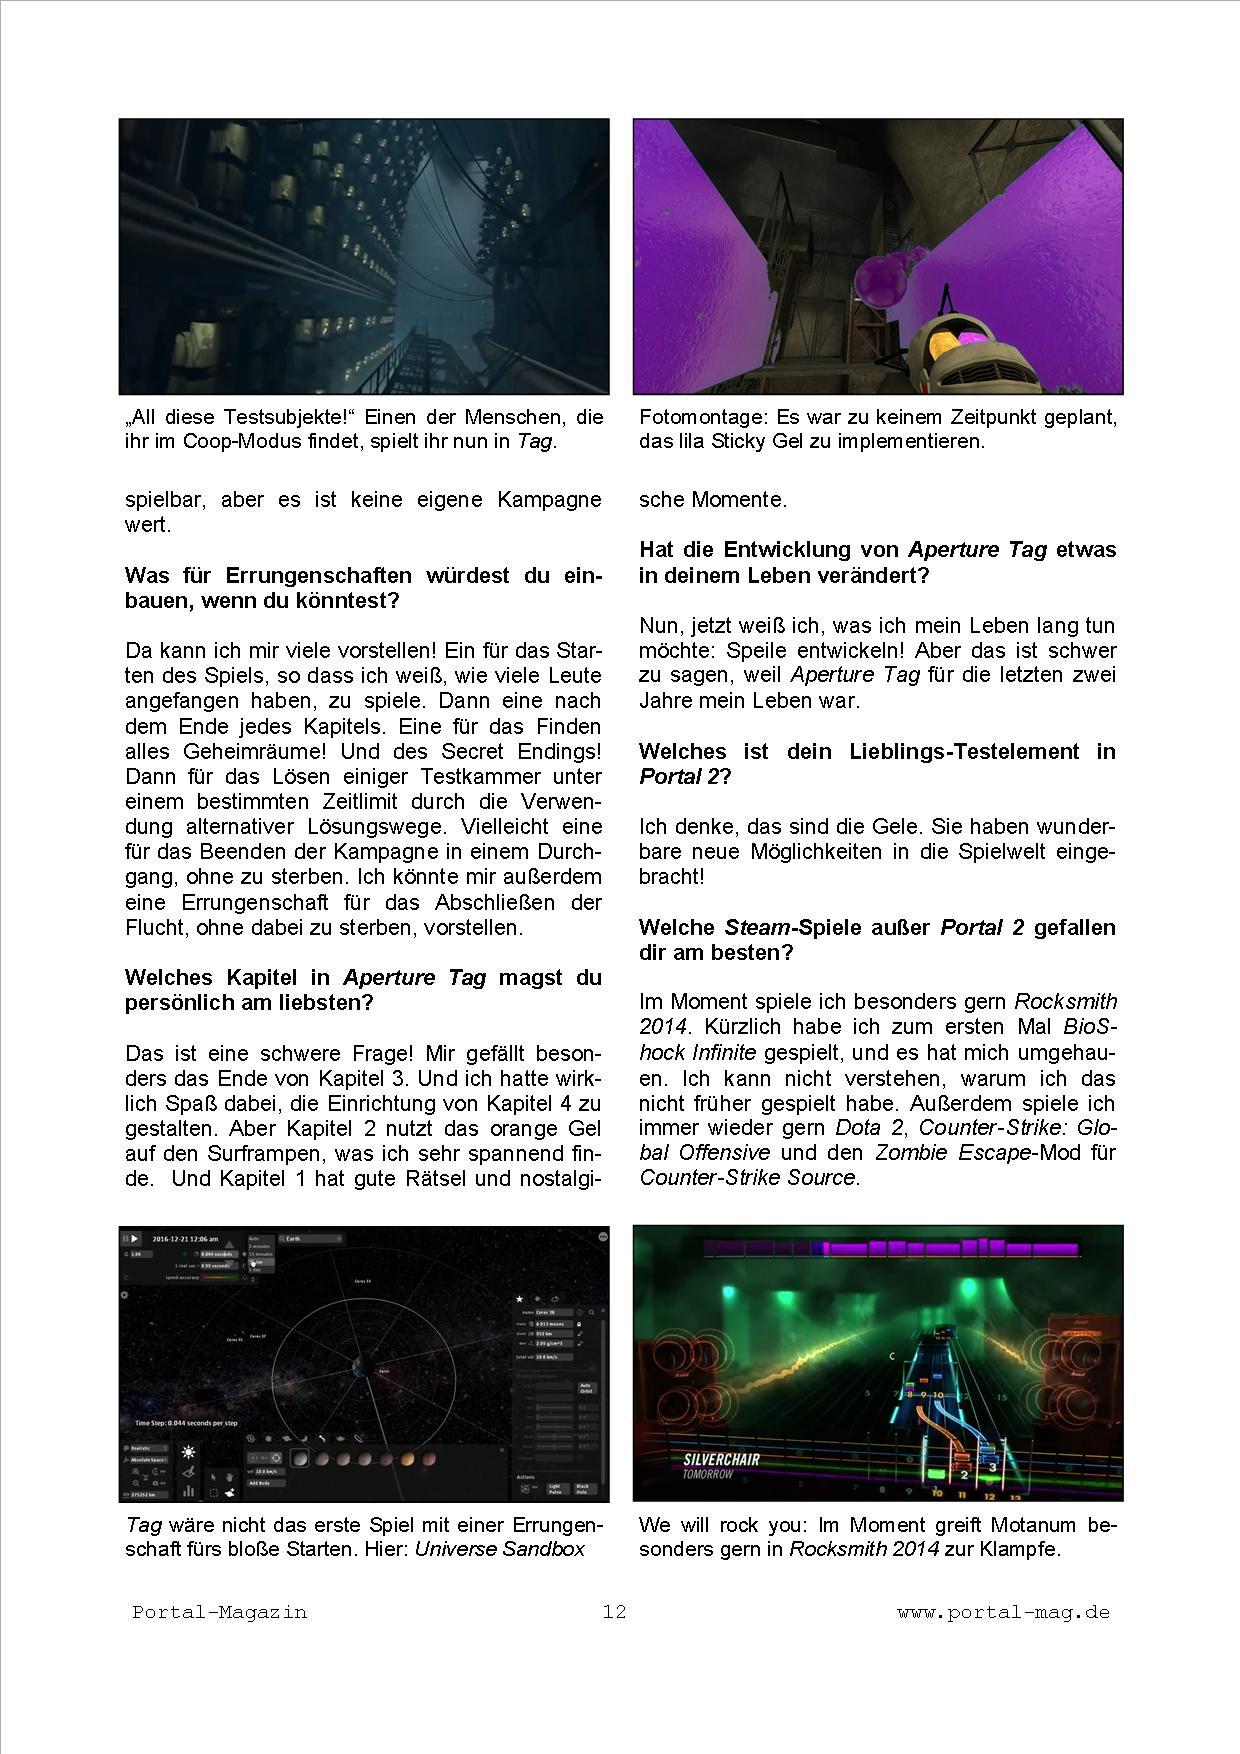 Ausgabe 26, Seite 12